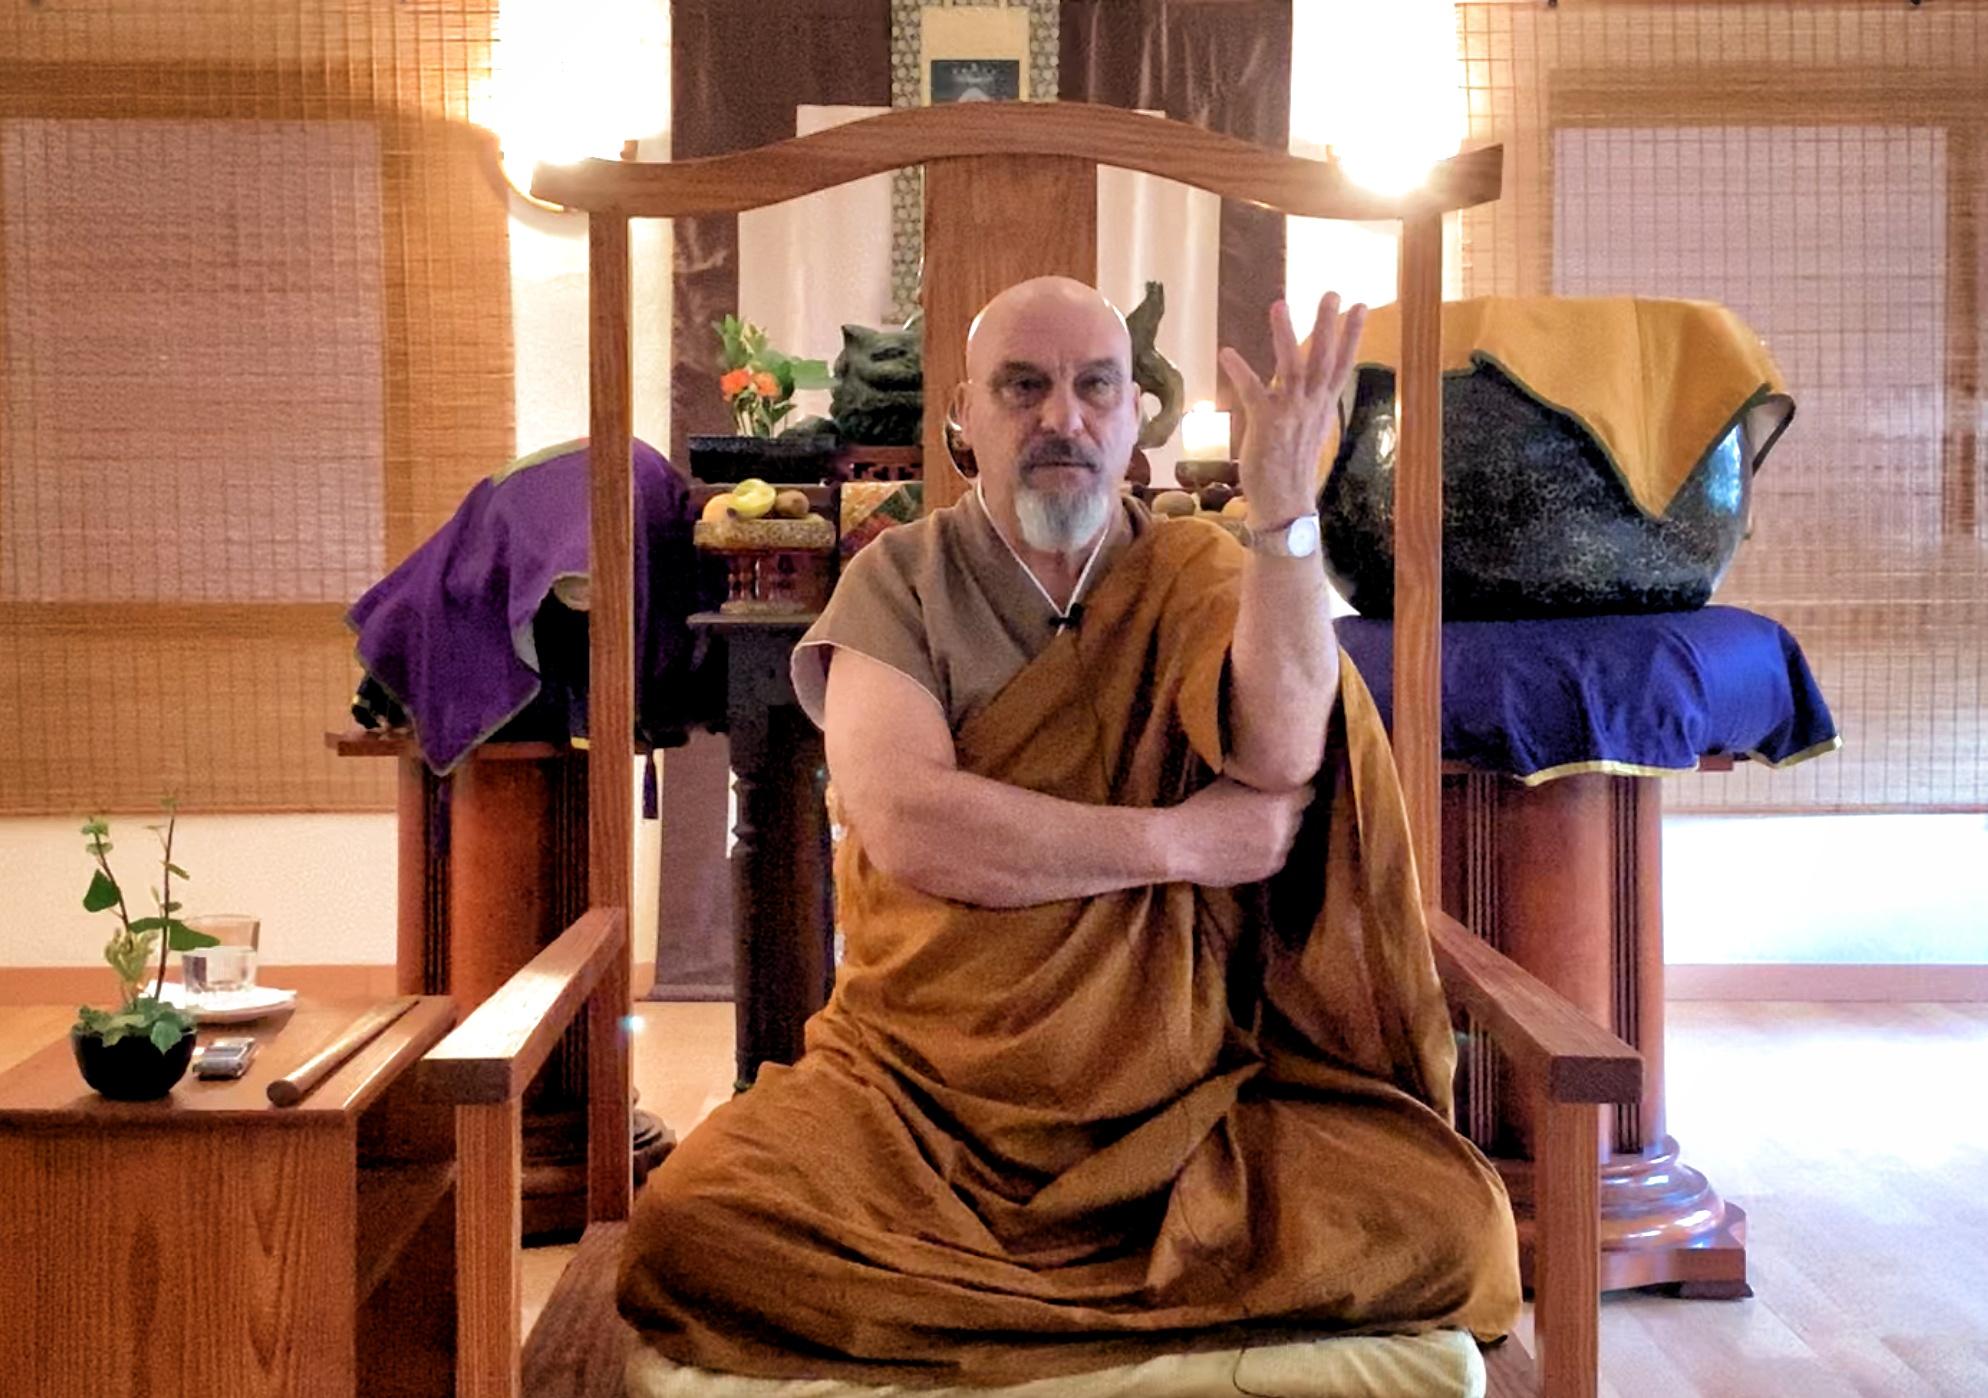 ¿Qué haces cuando meditas?